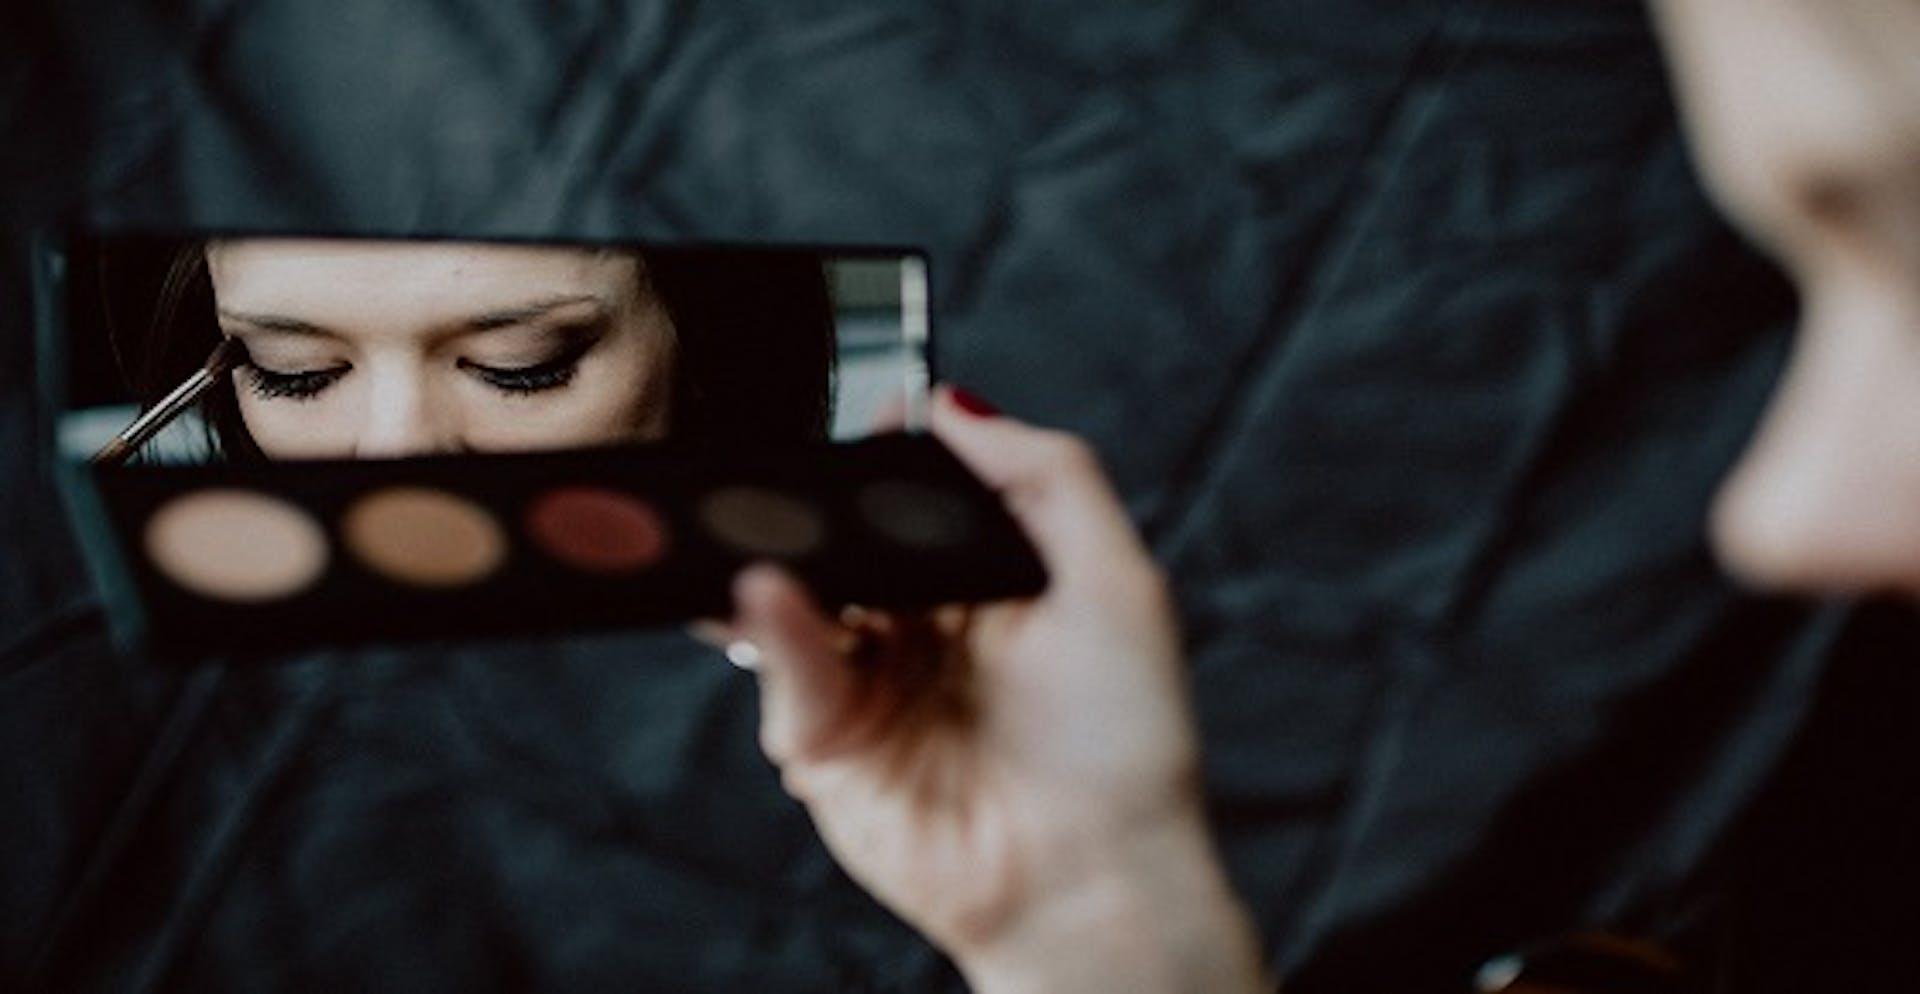 La importancia de cuidar la piel: 7 tips para tener un cutis perfecto